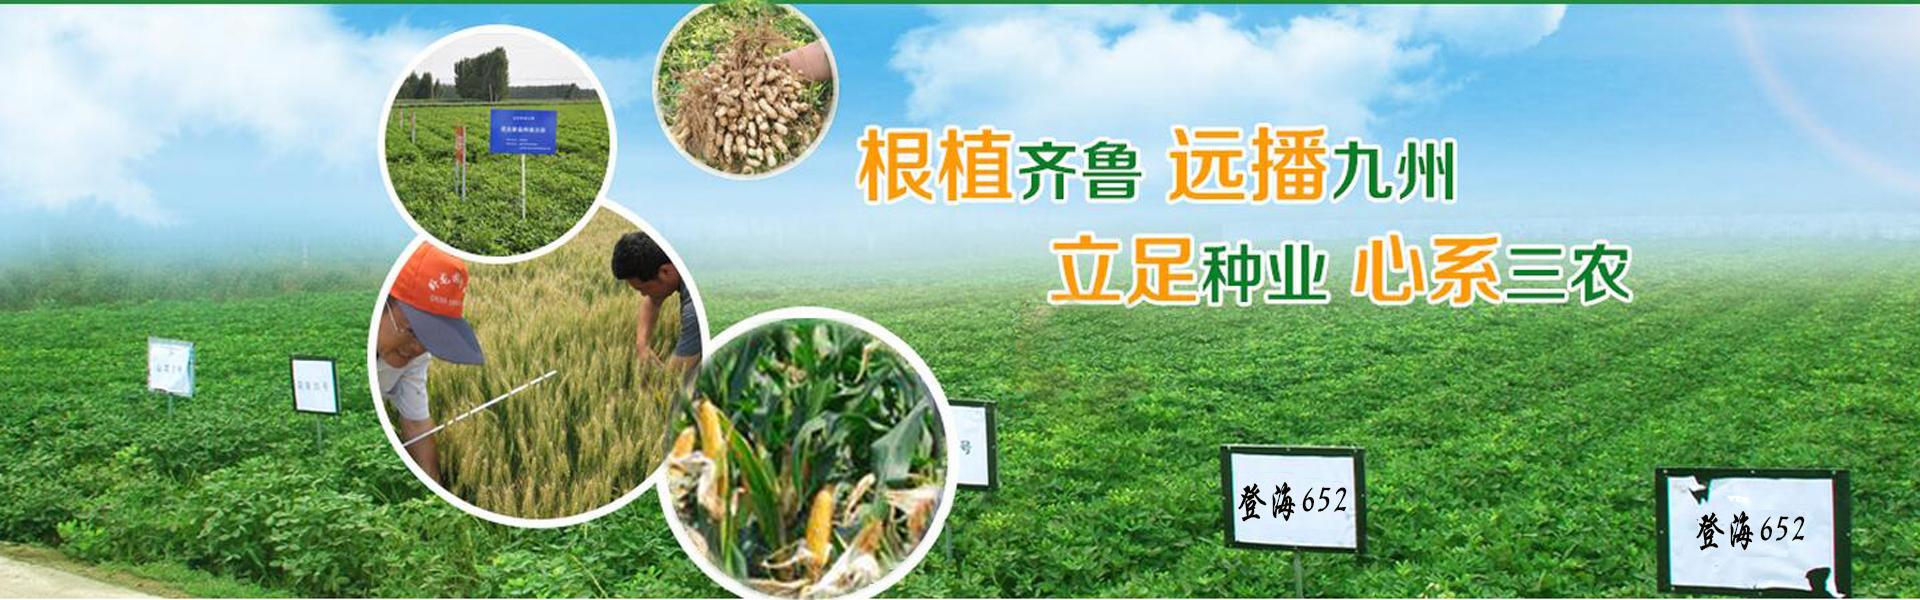 蔬菜种子加工